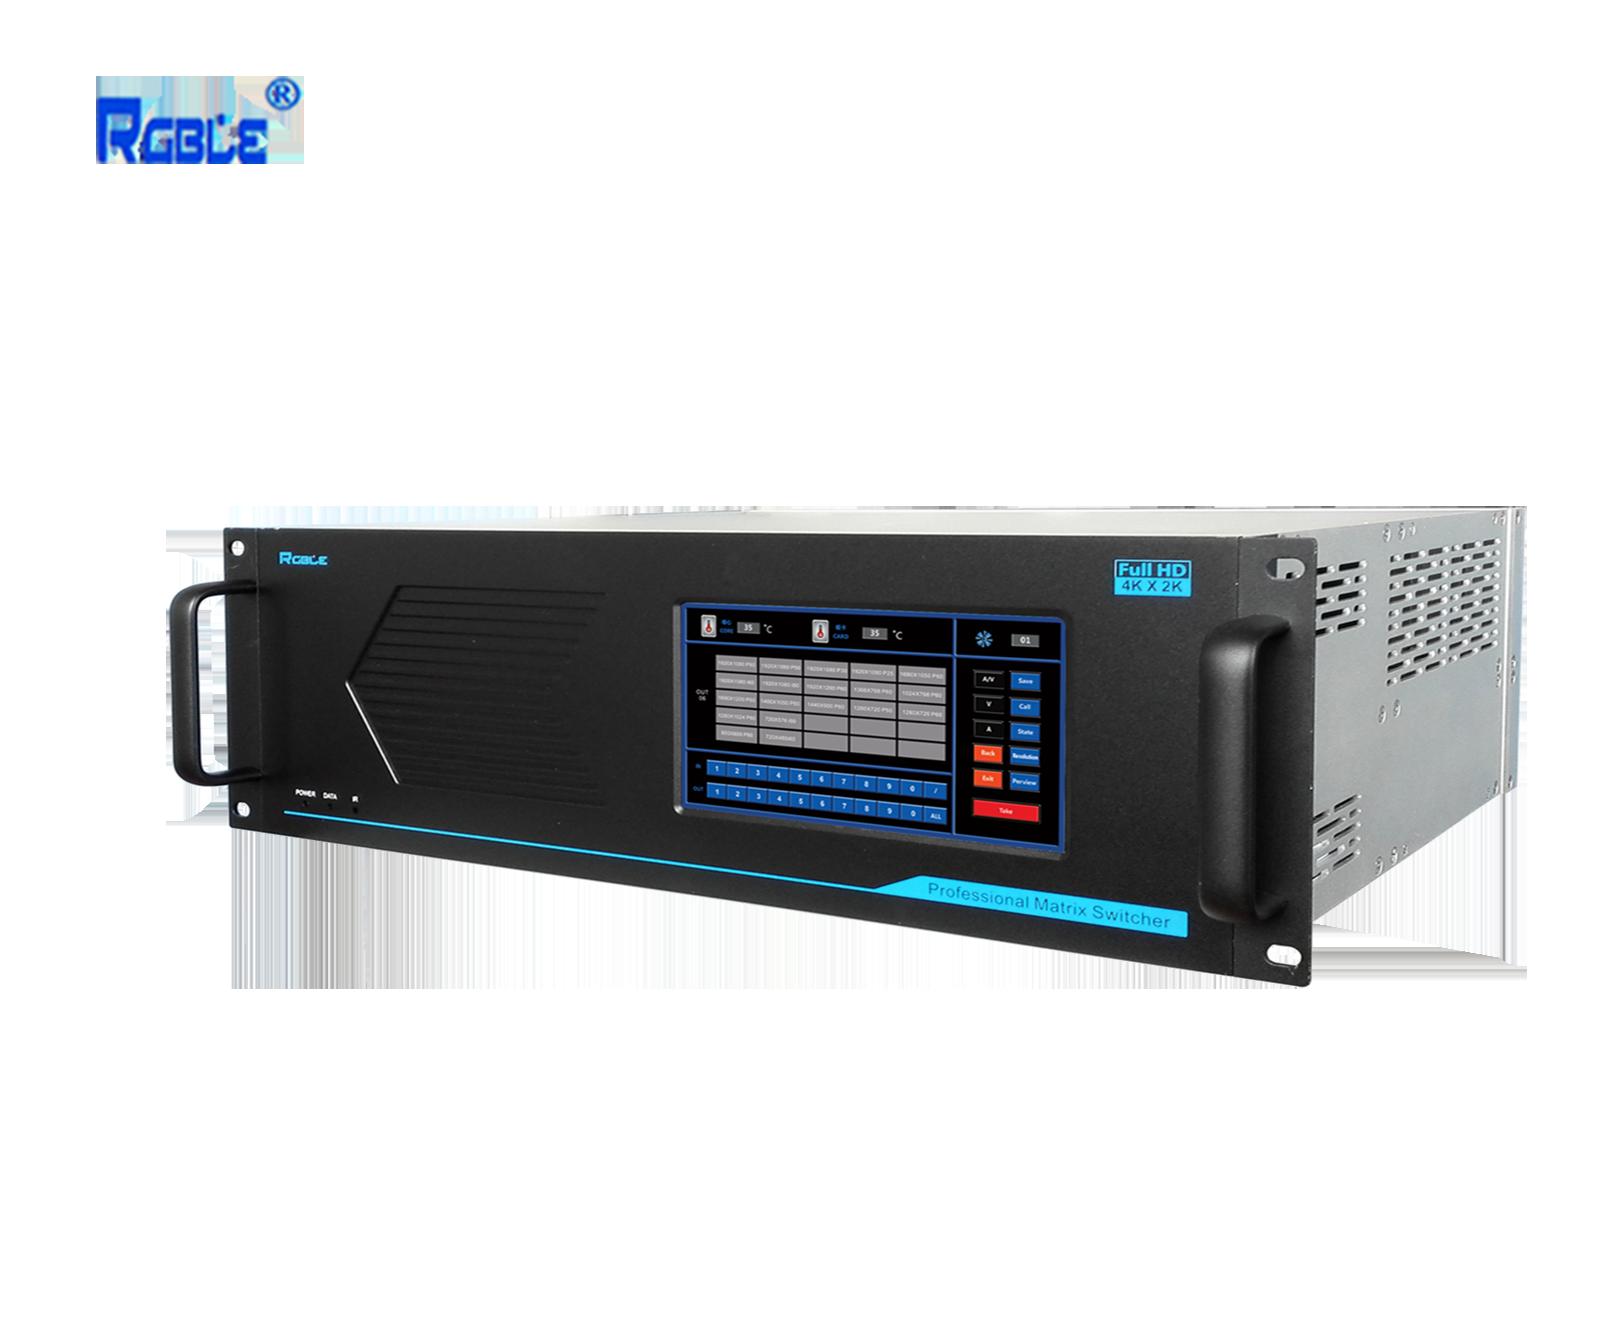 高清混合矩阵MHD-1010S(3.5U)